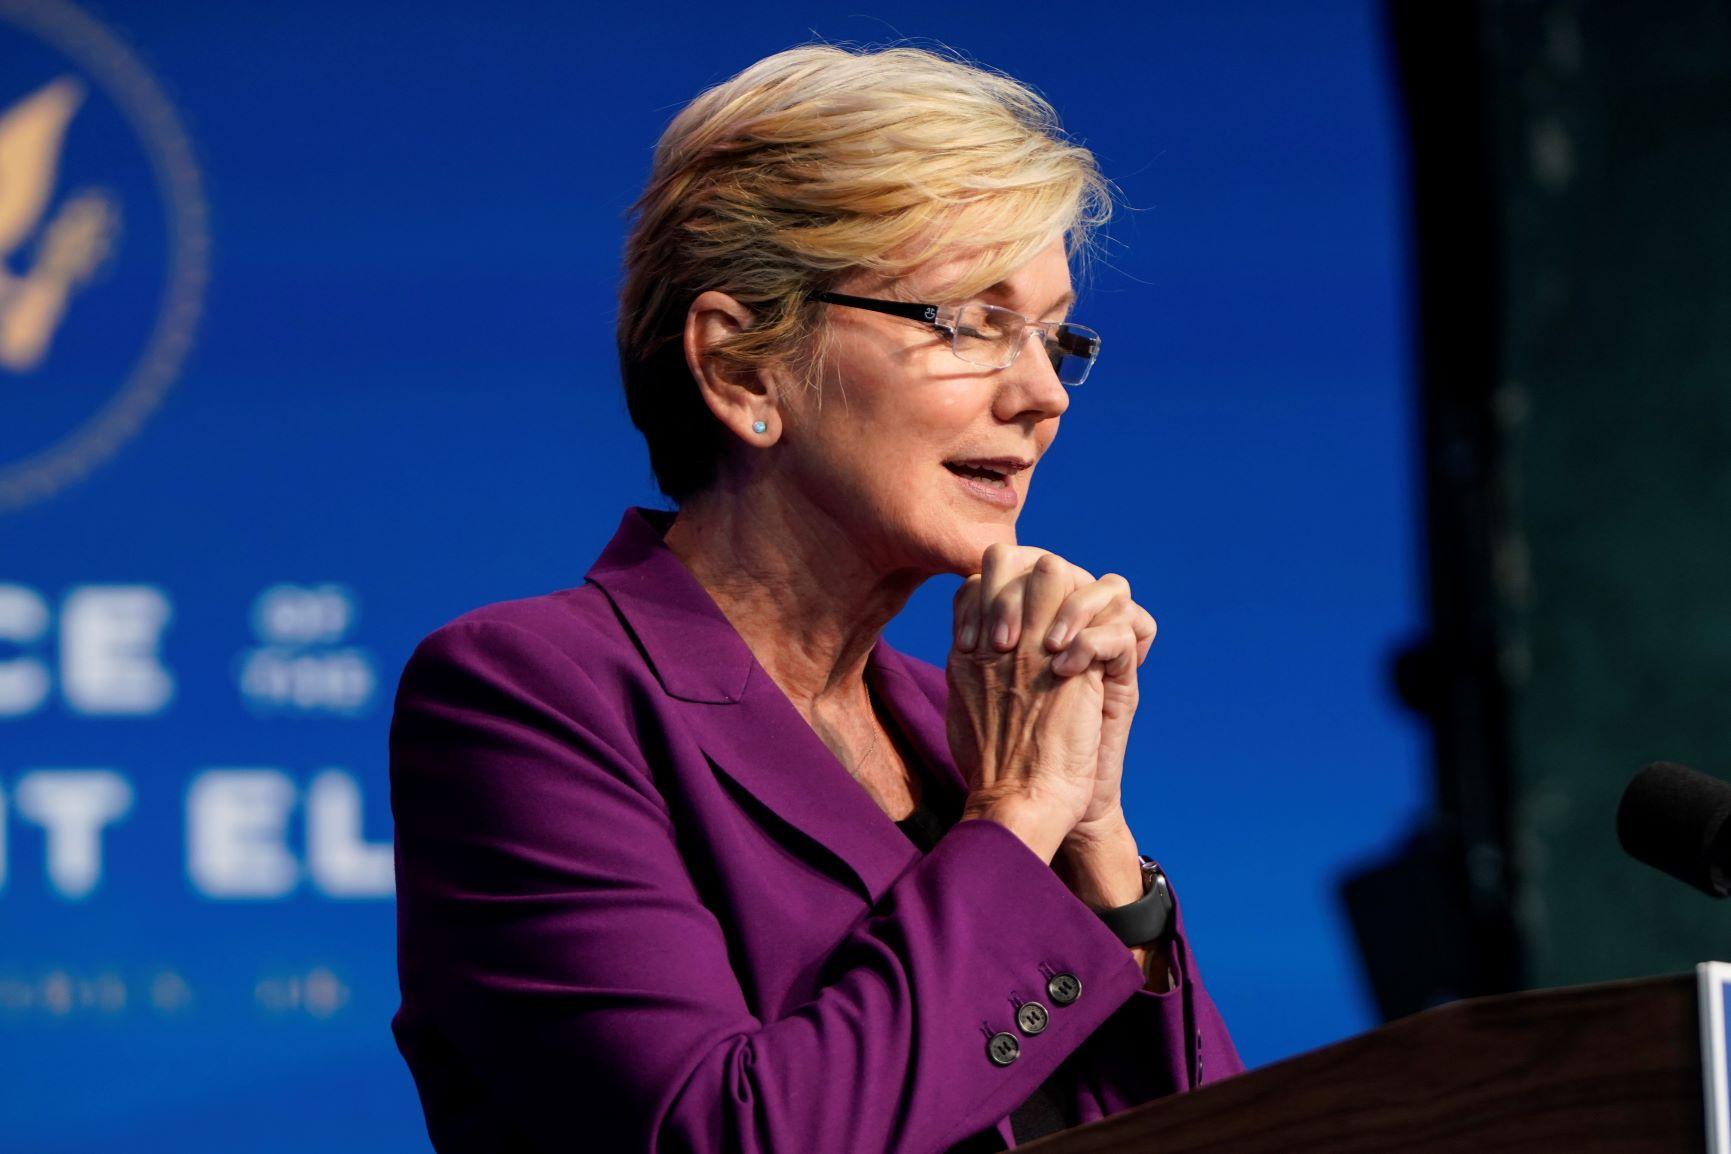 A ministra da Energia, Jennifer Granholm, ex-governadora do Michigan: desafios para acelerar mudança para energias renováveis (Foto: Joshua Roberts/Getty/AFP - 19/12/2020)